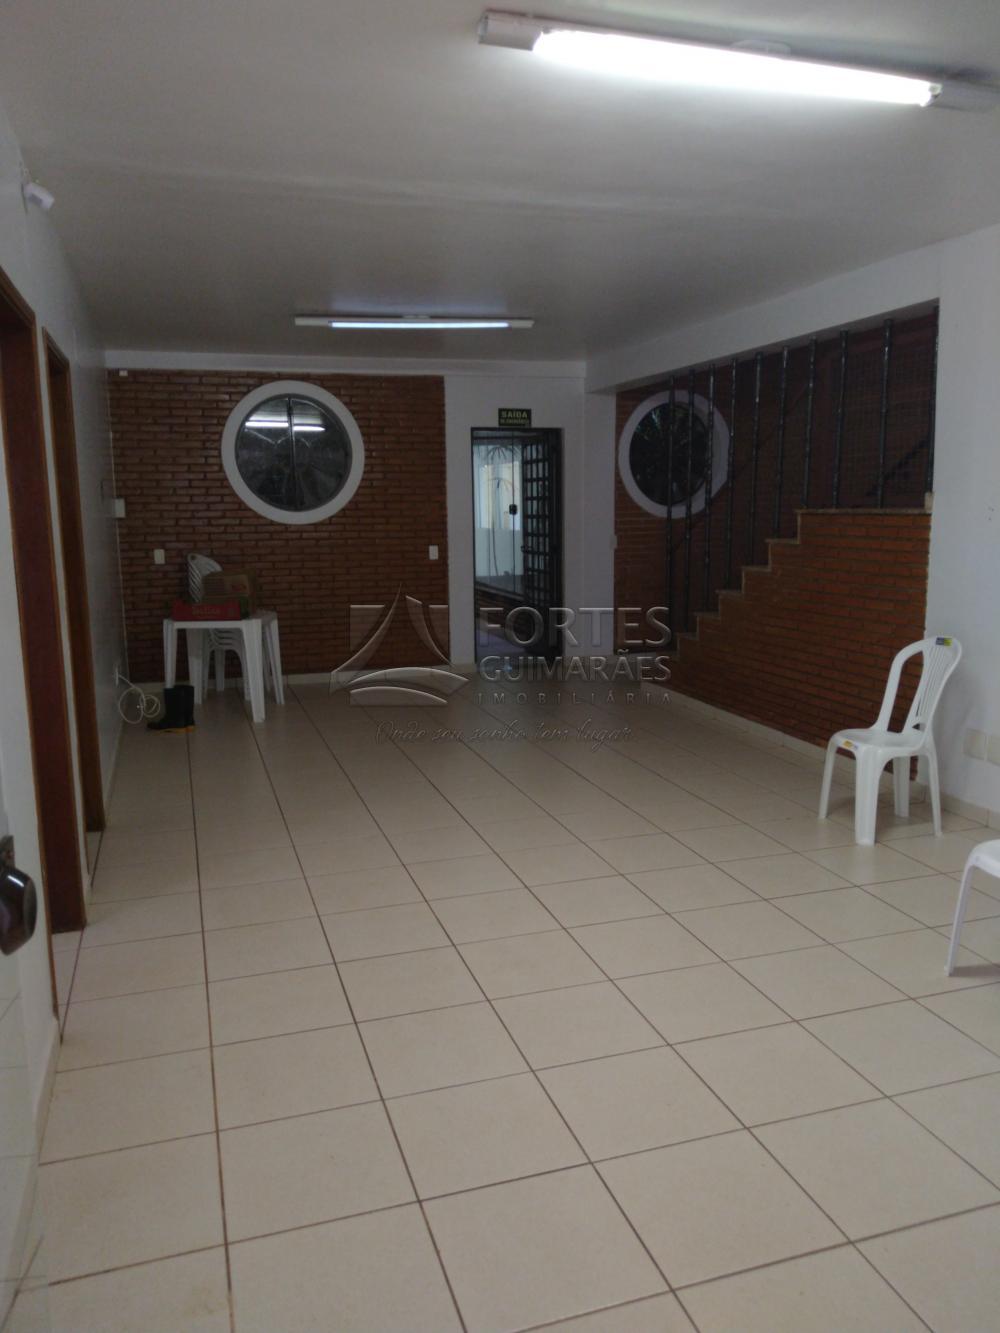 Alugar Comercial / Imóvel Comercial em Ribeirão Preto apenas R$ 12.000,00 - Foto 103